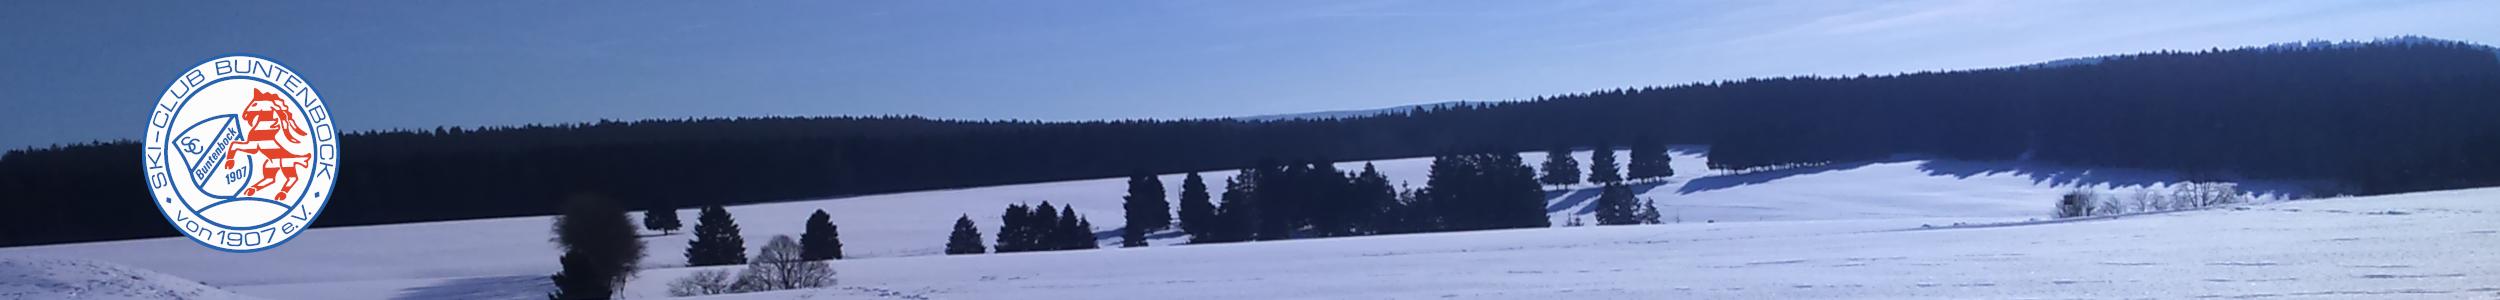 Ski-Club Buntenbock von 1907 e.V.